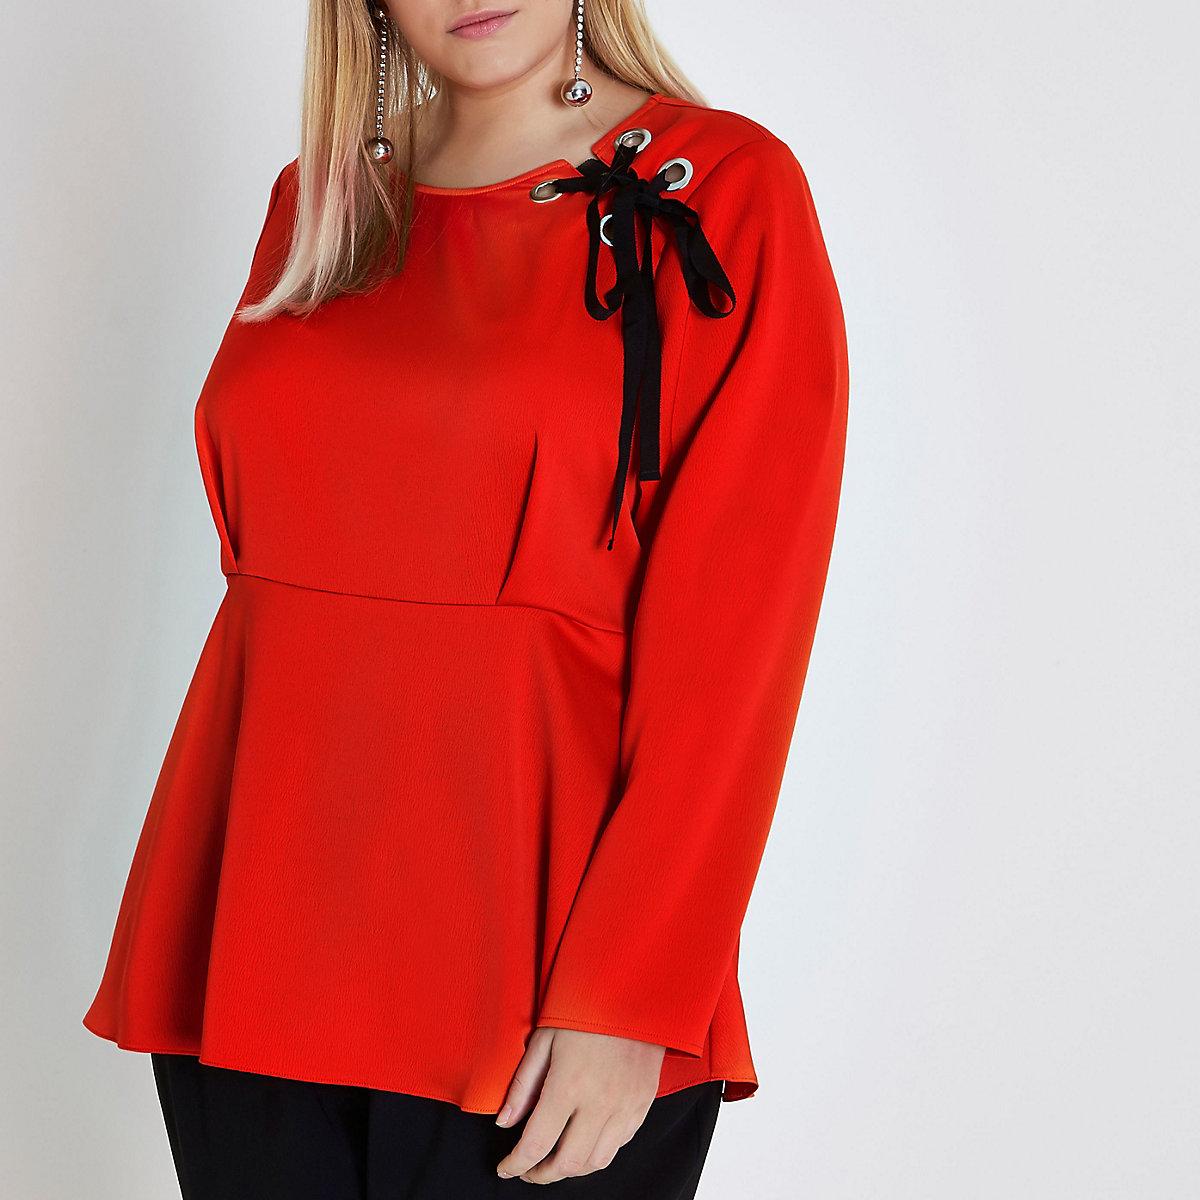 Plus orange lace-up shoulder peplum blouse